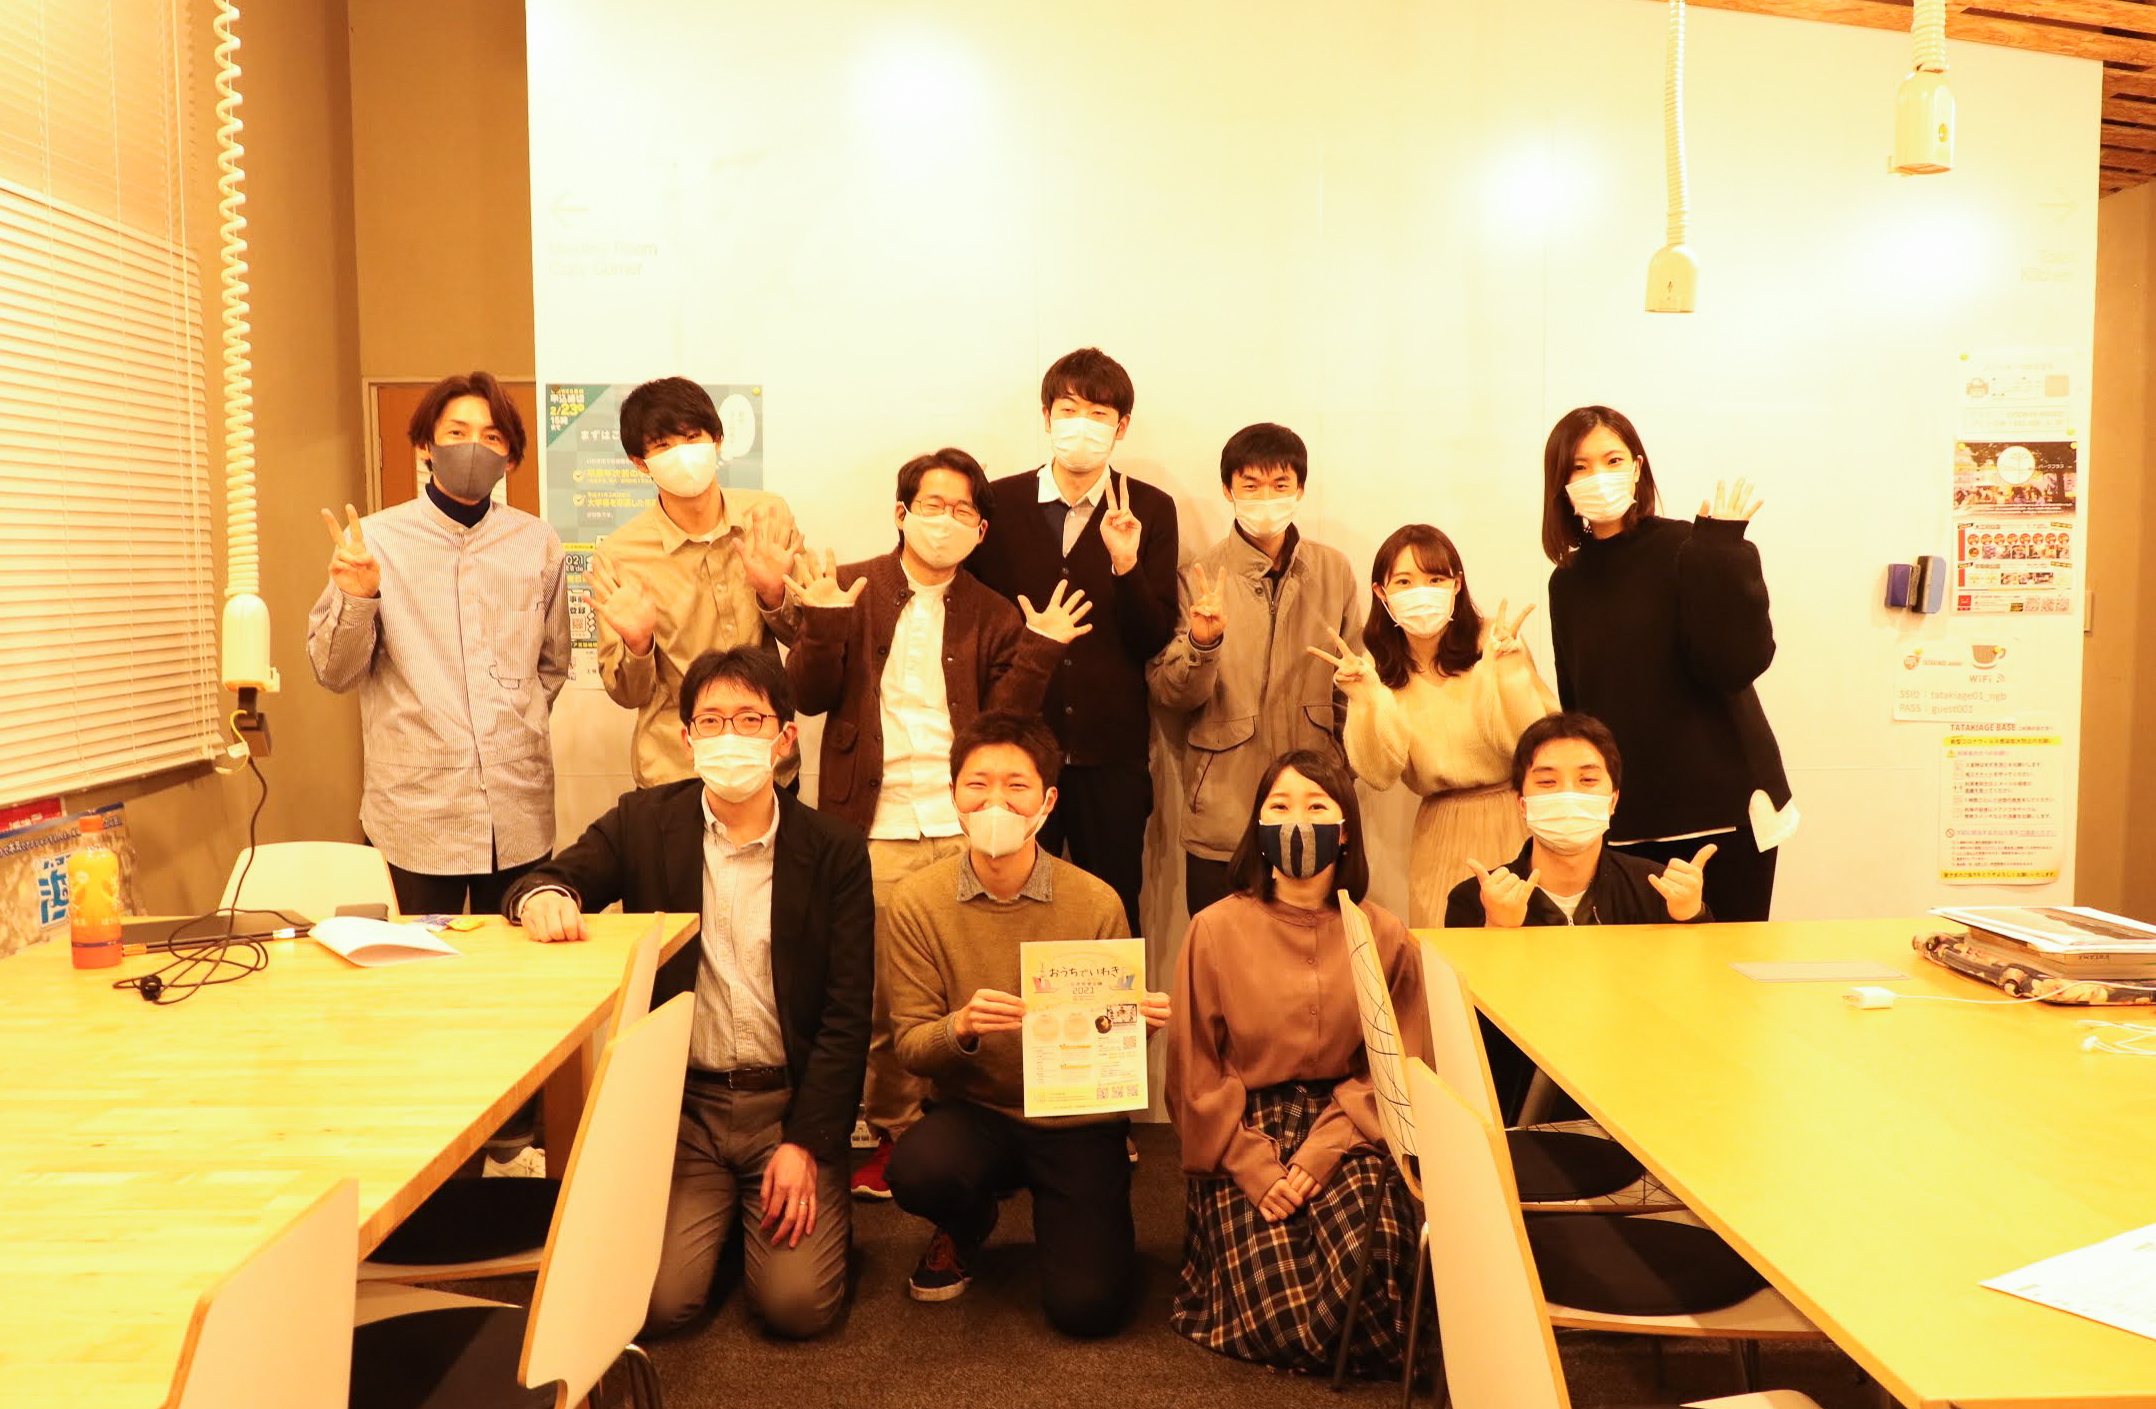 いわき若者会議2021<br>第1回「おうちでいわき」1Day<br>開催レポート!!